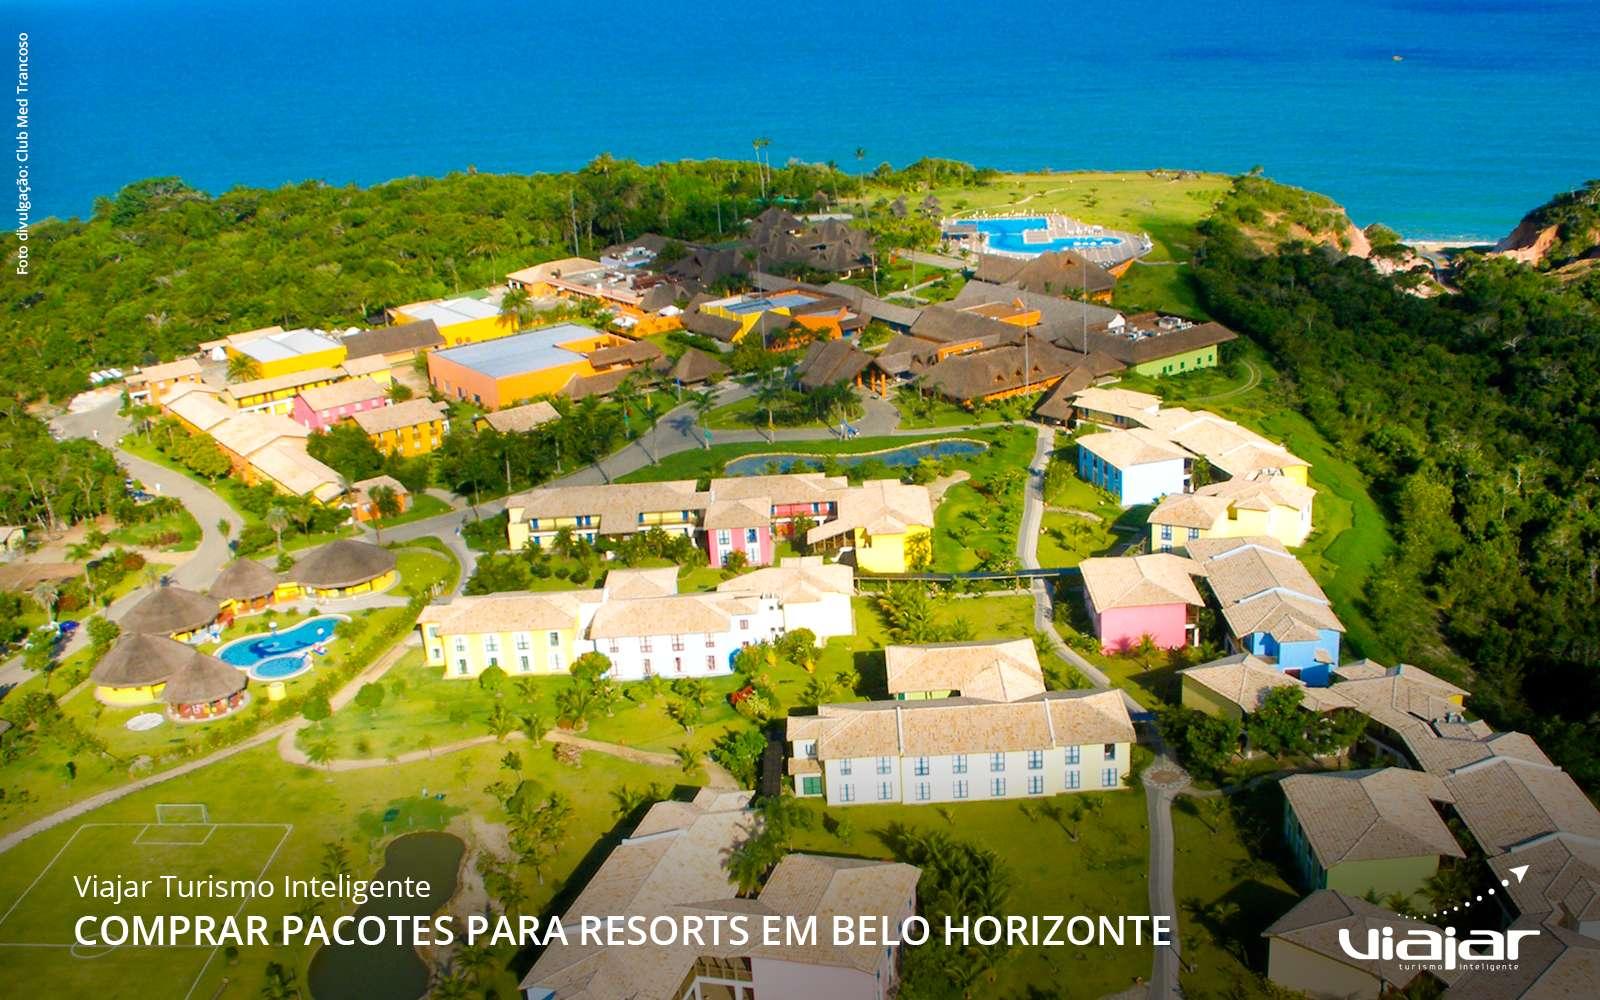 viajar-turismo-inteligente-comprar-pacotes-resorts-belo-horizonte-minas-gerais-10-1